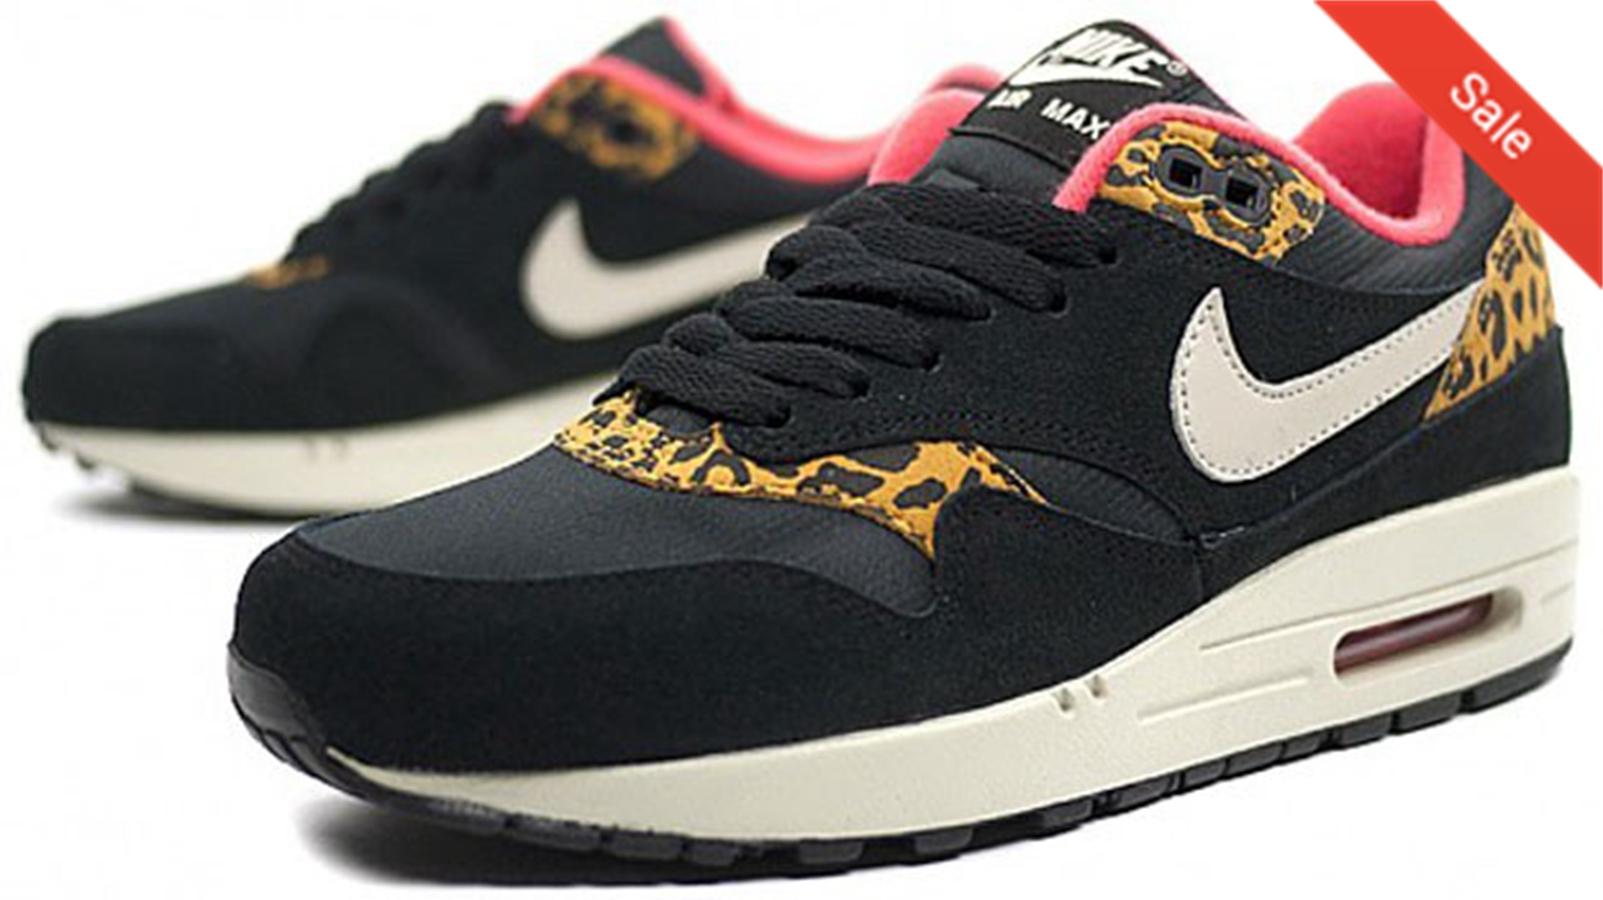 air max pour femme leopard,Nike WMNS Air Max 1 Leopard - Le ...